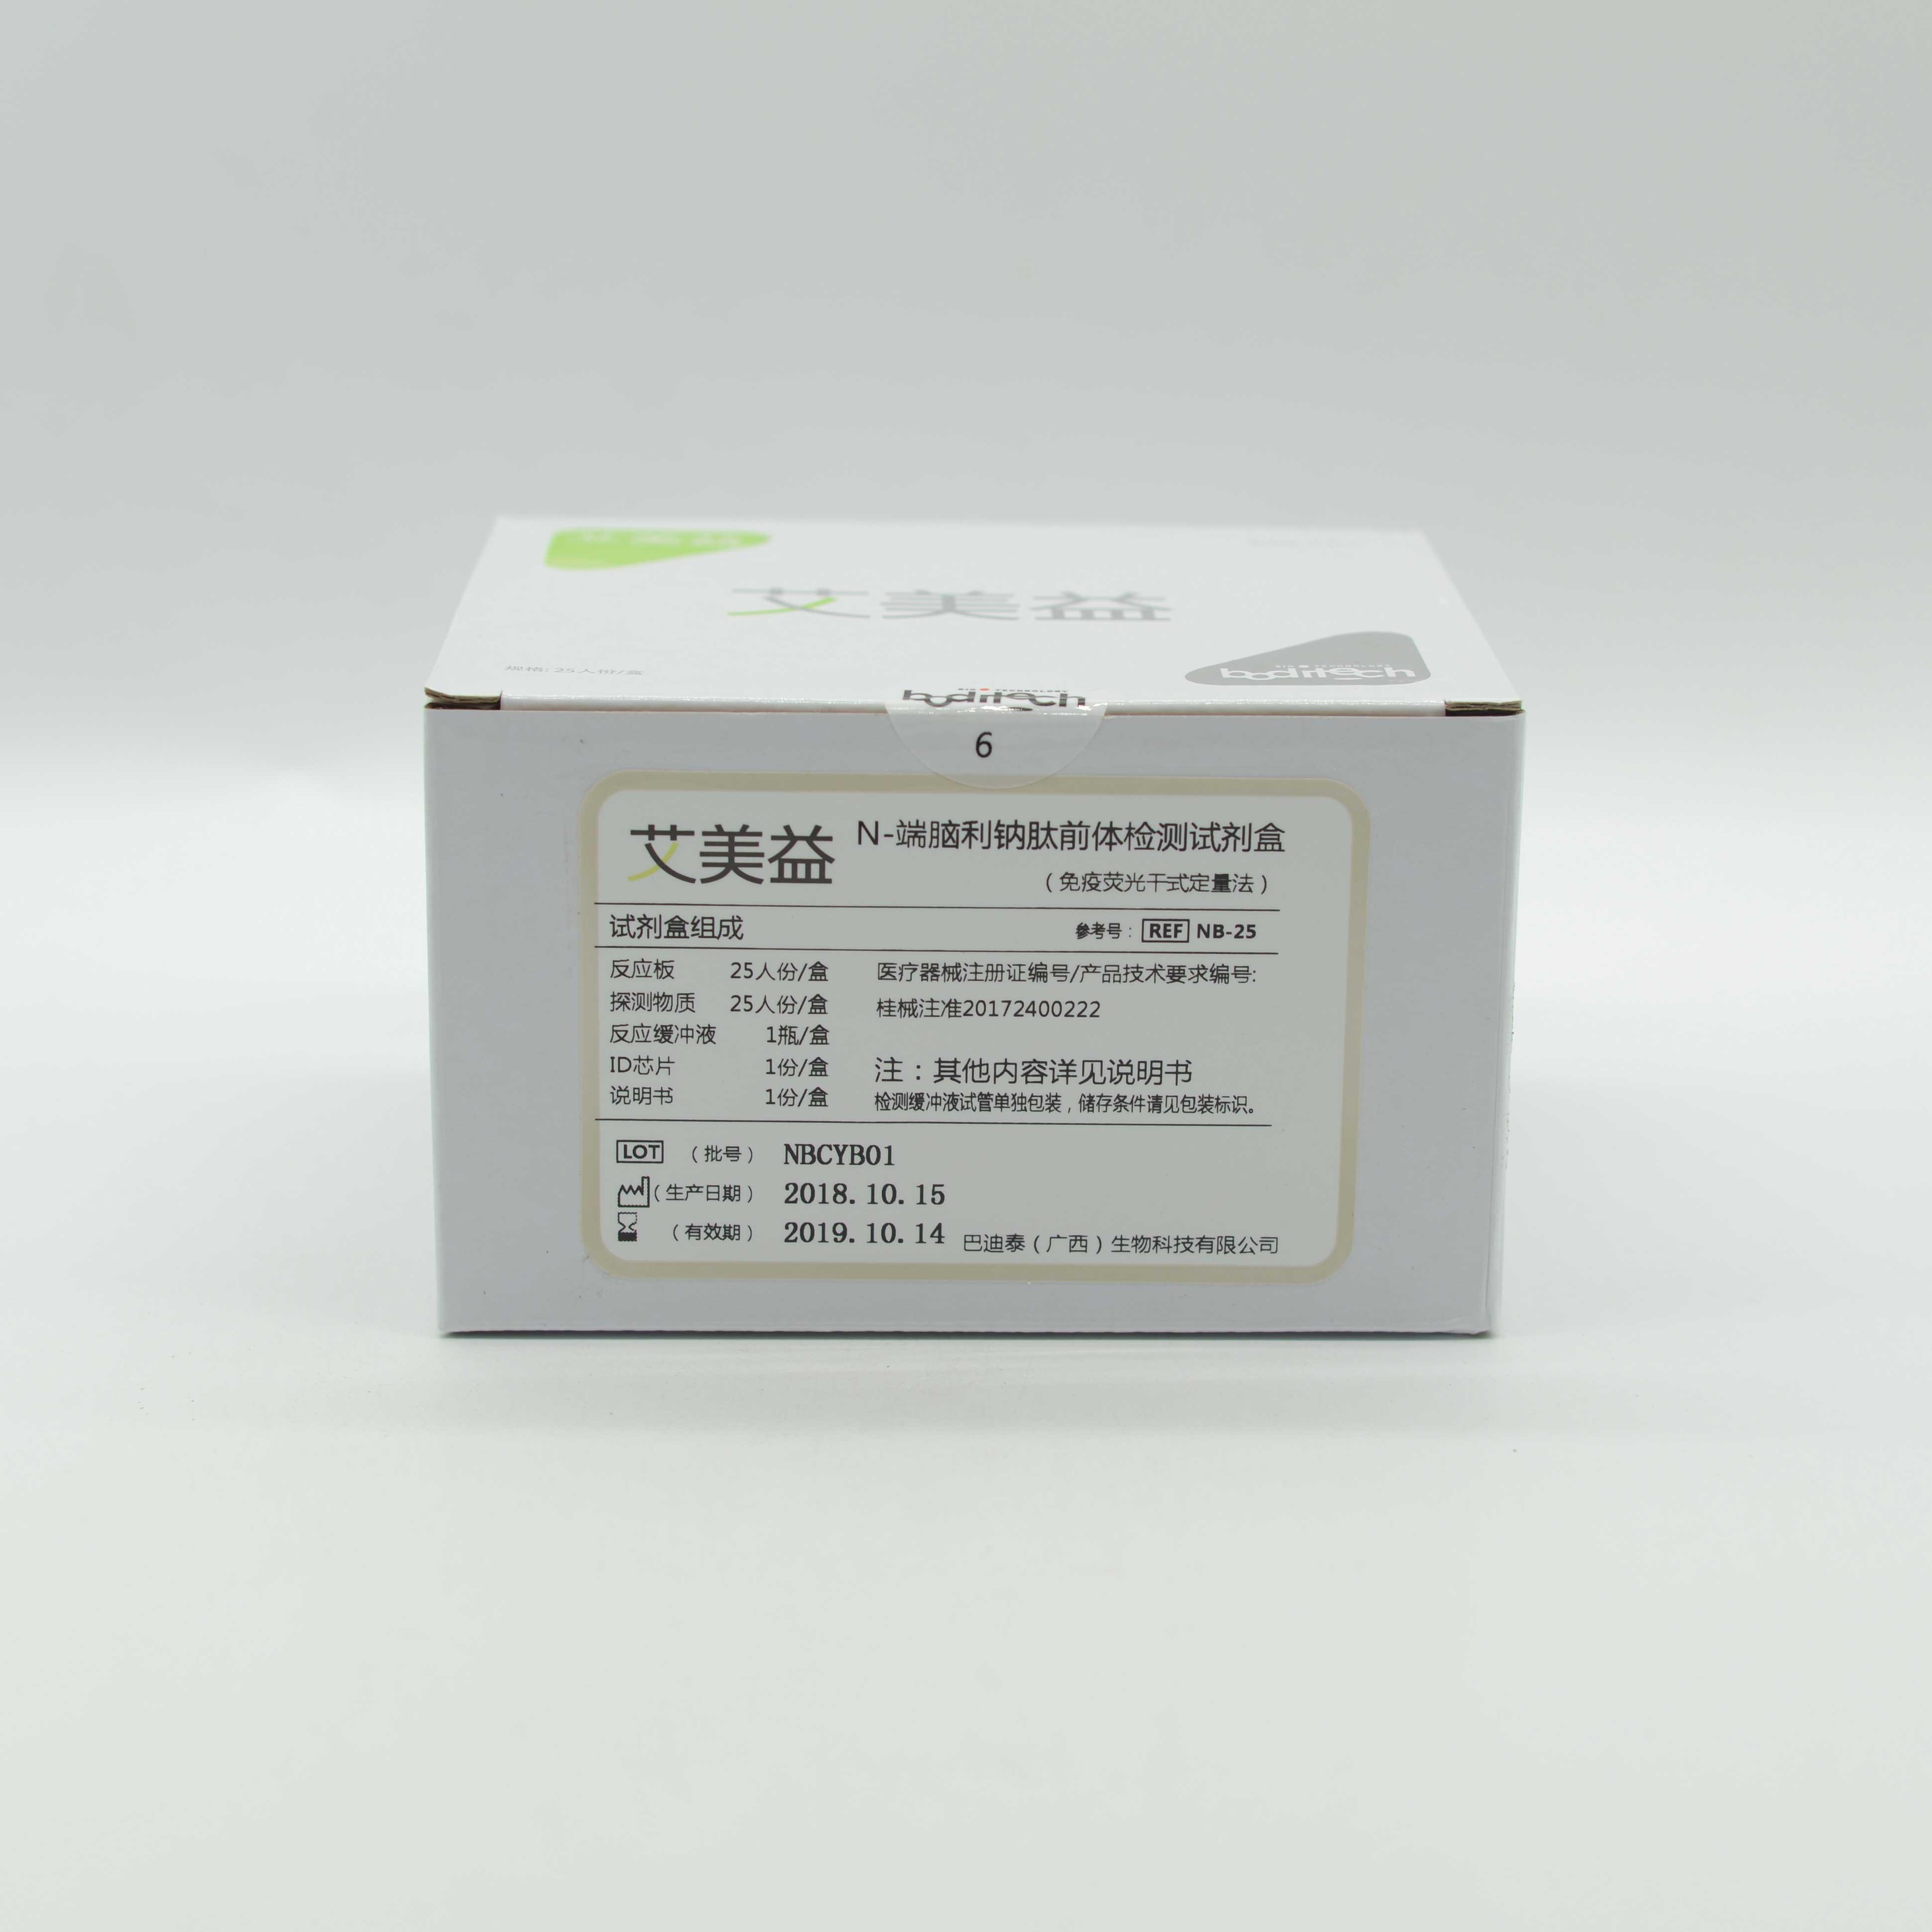 巴迪泰 N-端脑利钠肽前体检测试剂盒(免疫荧光干式定量法)